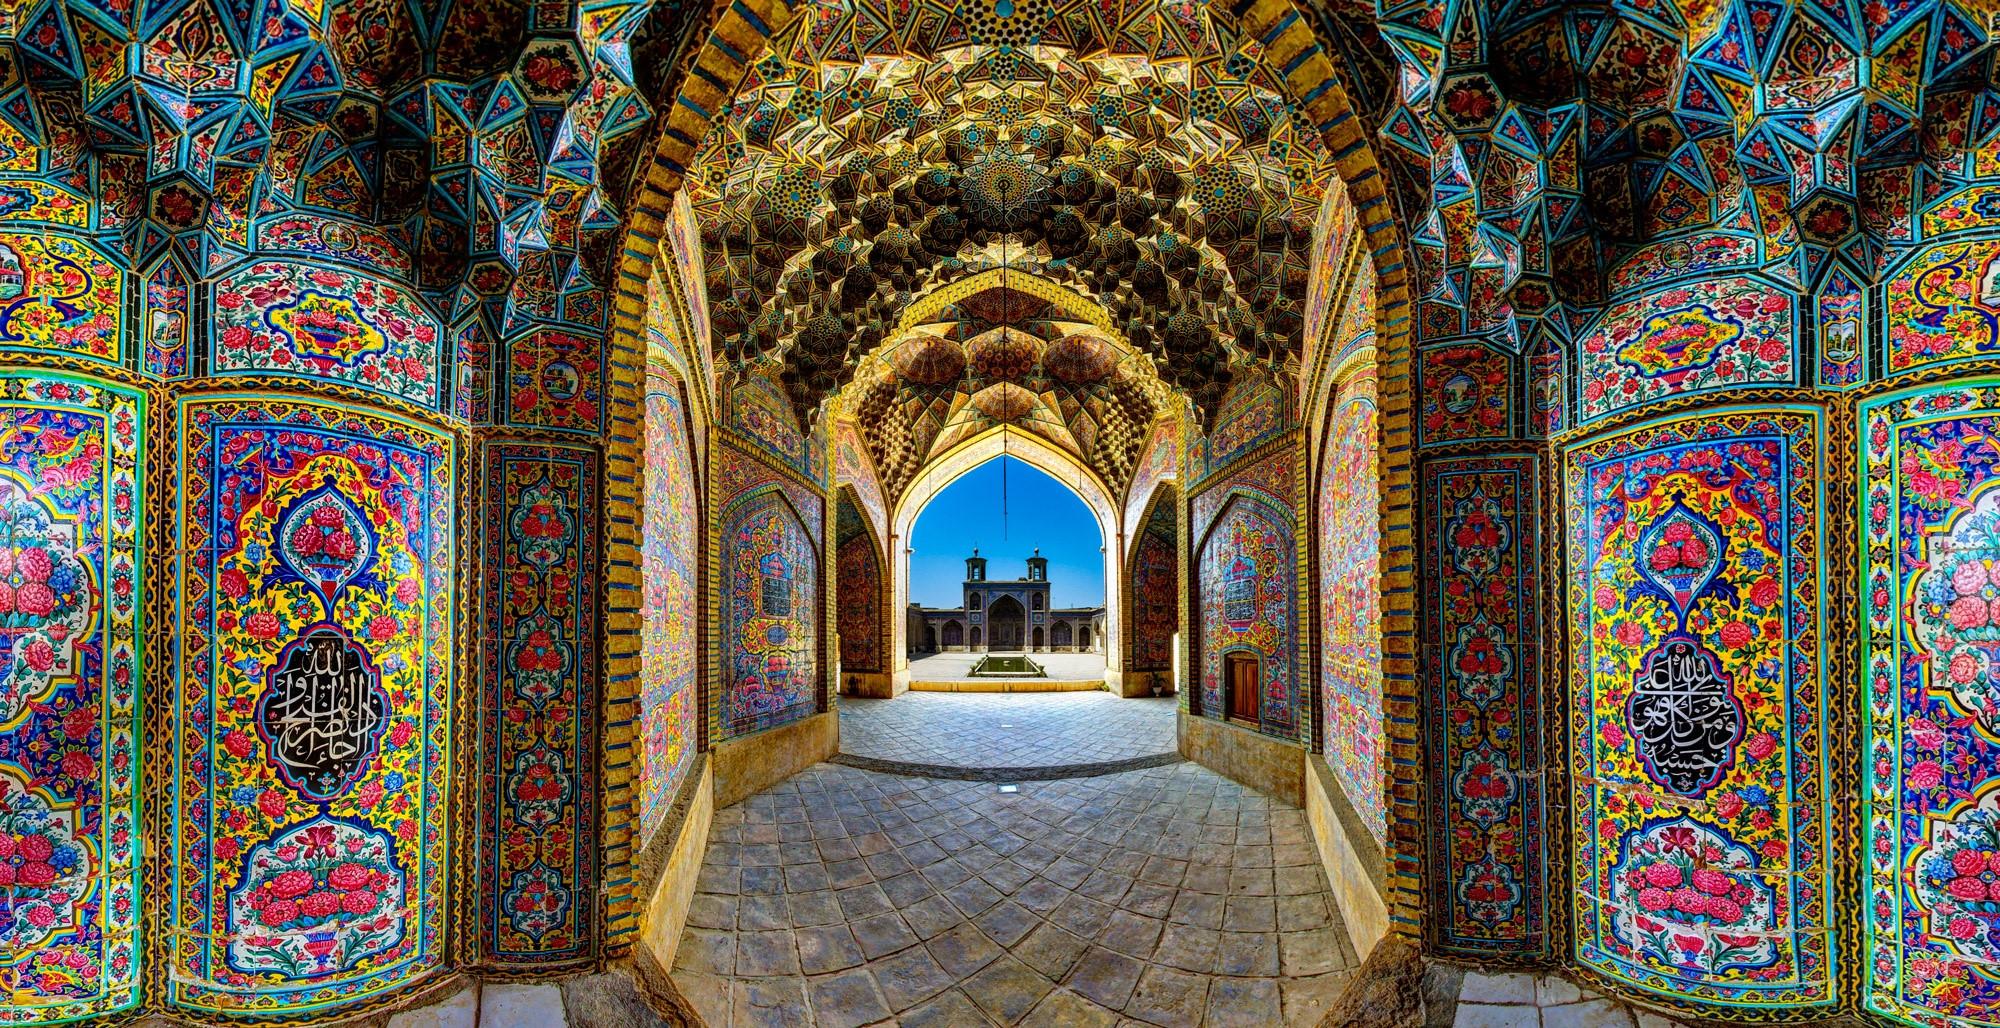 Nhà thờ Hồi giáo rực rỡ nhất thế giới có gì đặc biệt? Ảnh 1